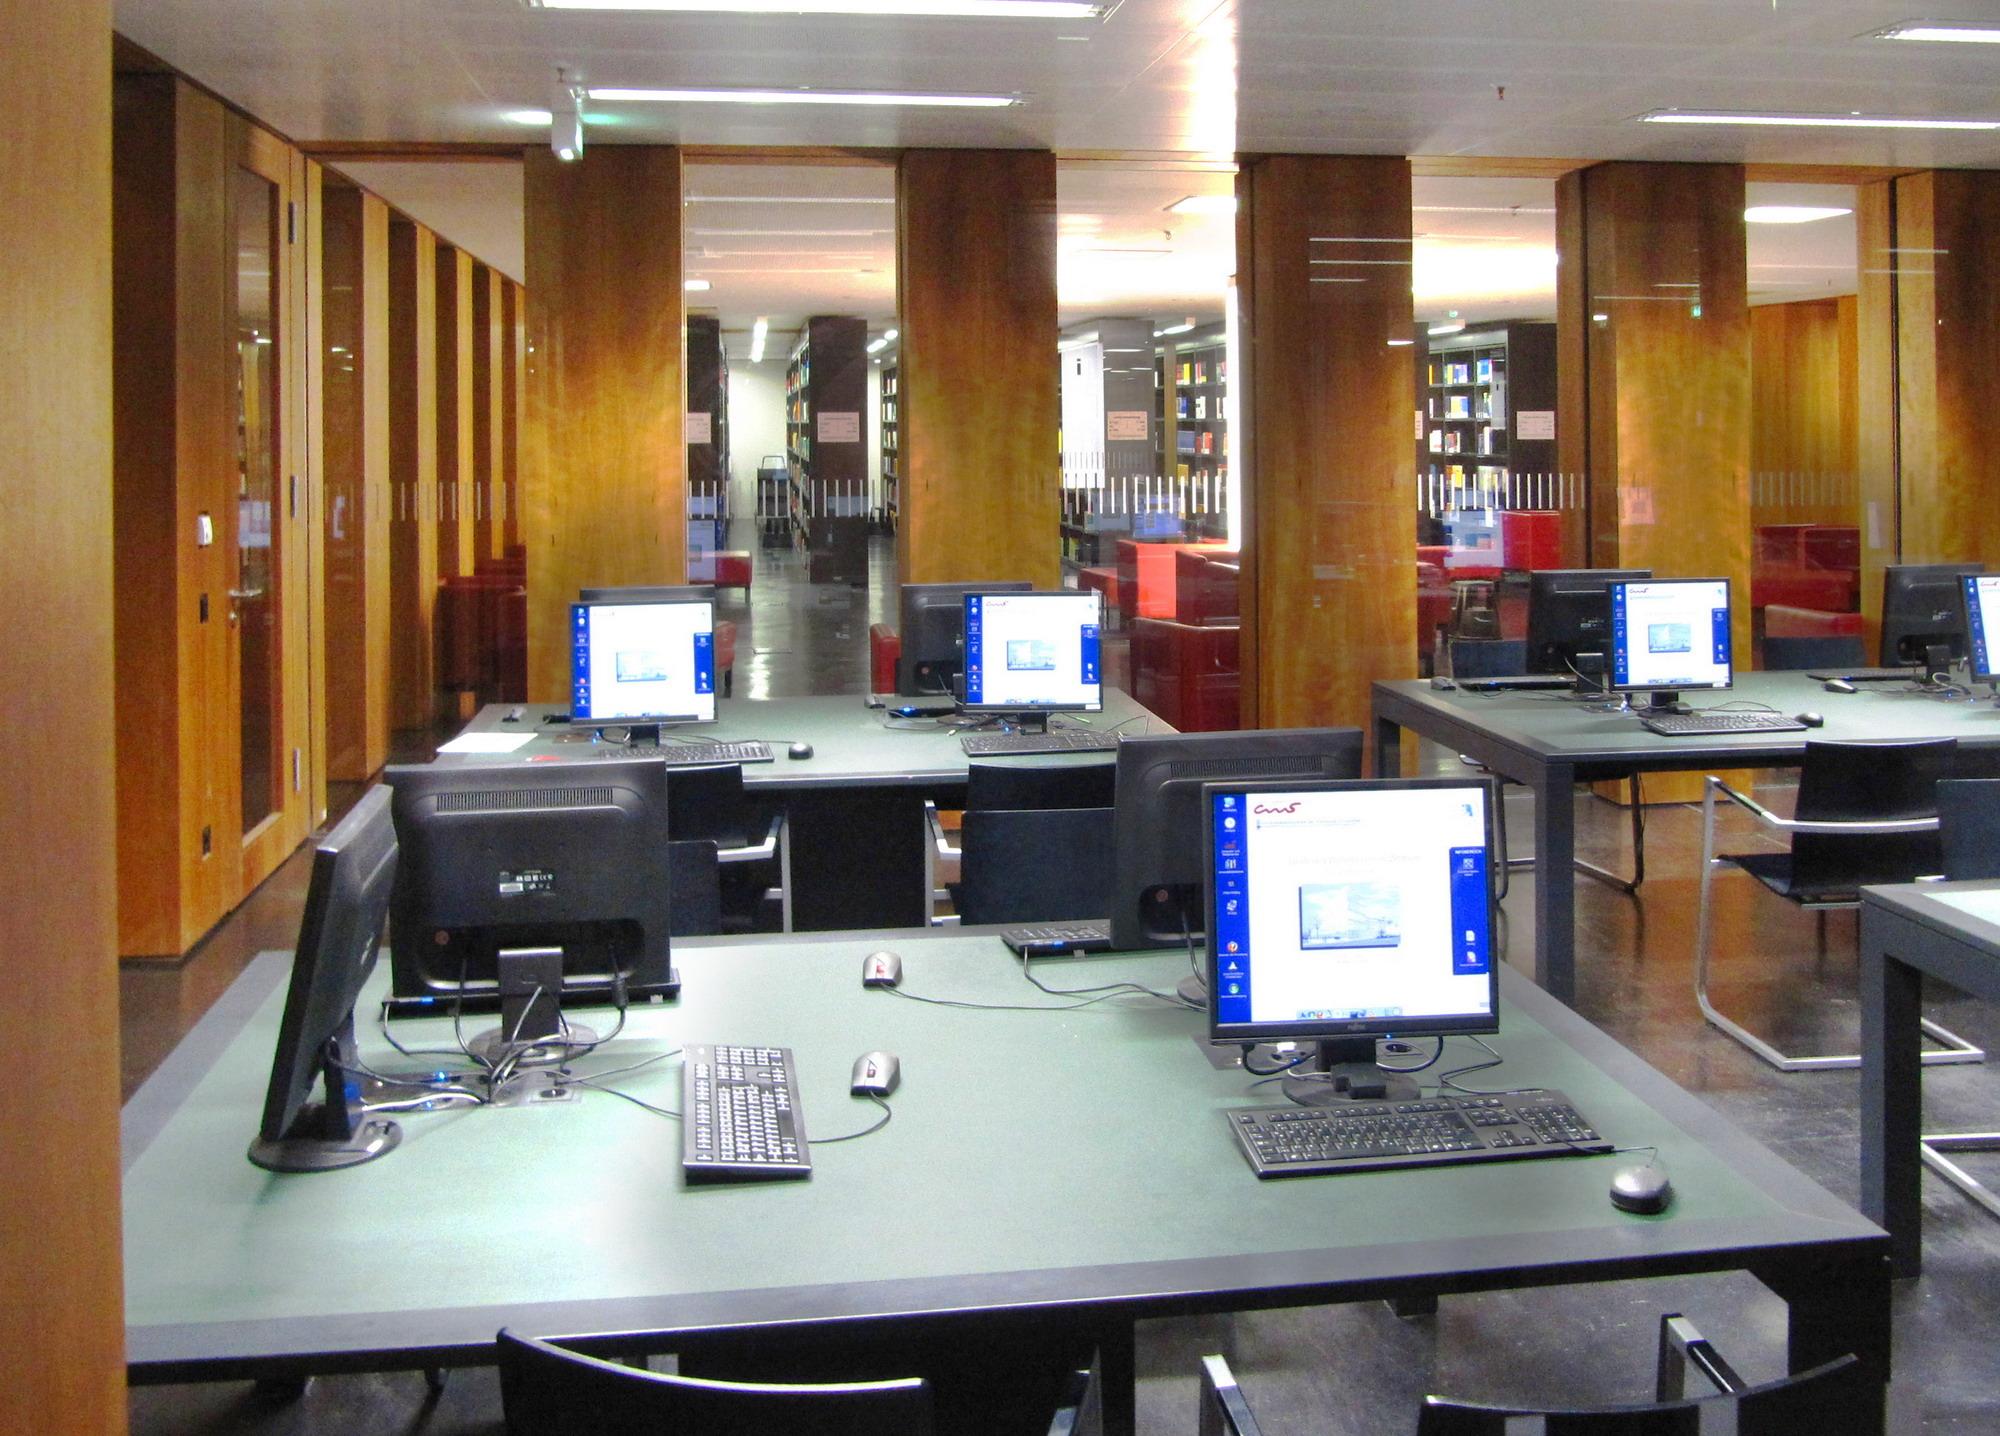 Bibliothek mit Computerplätzen / ©  Rainer Sturm / pixelio.de